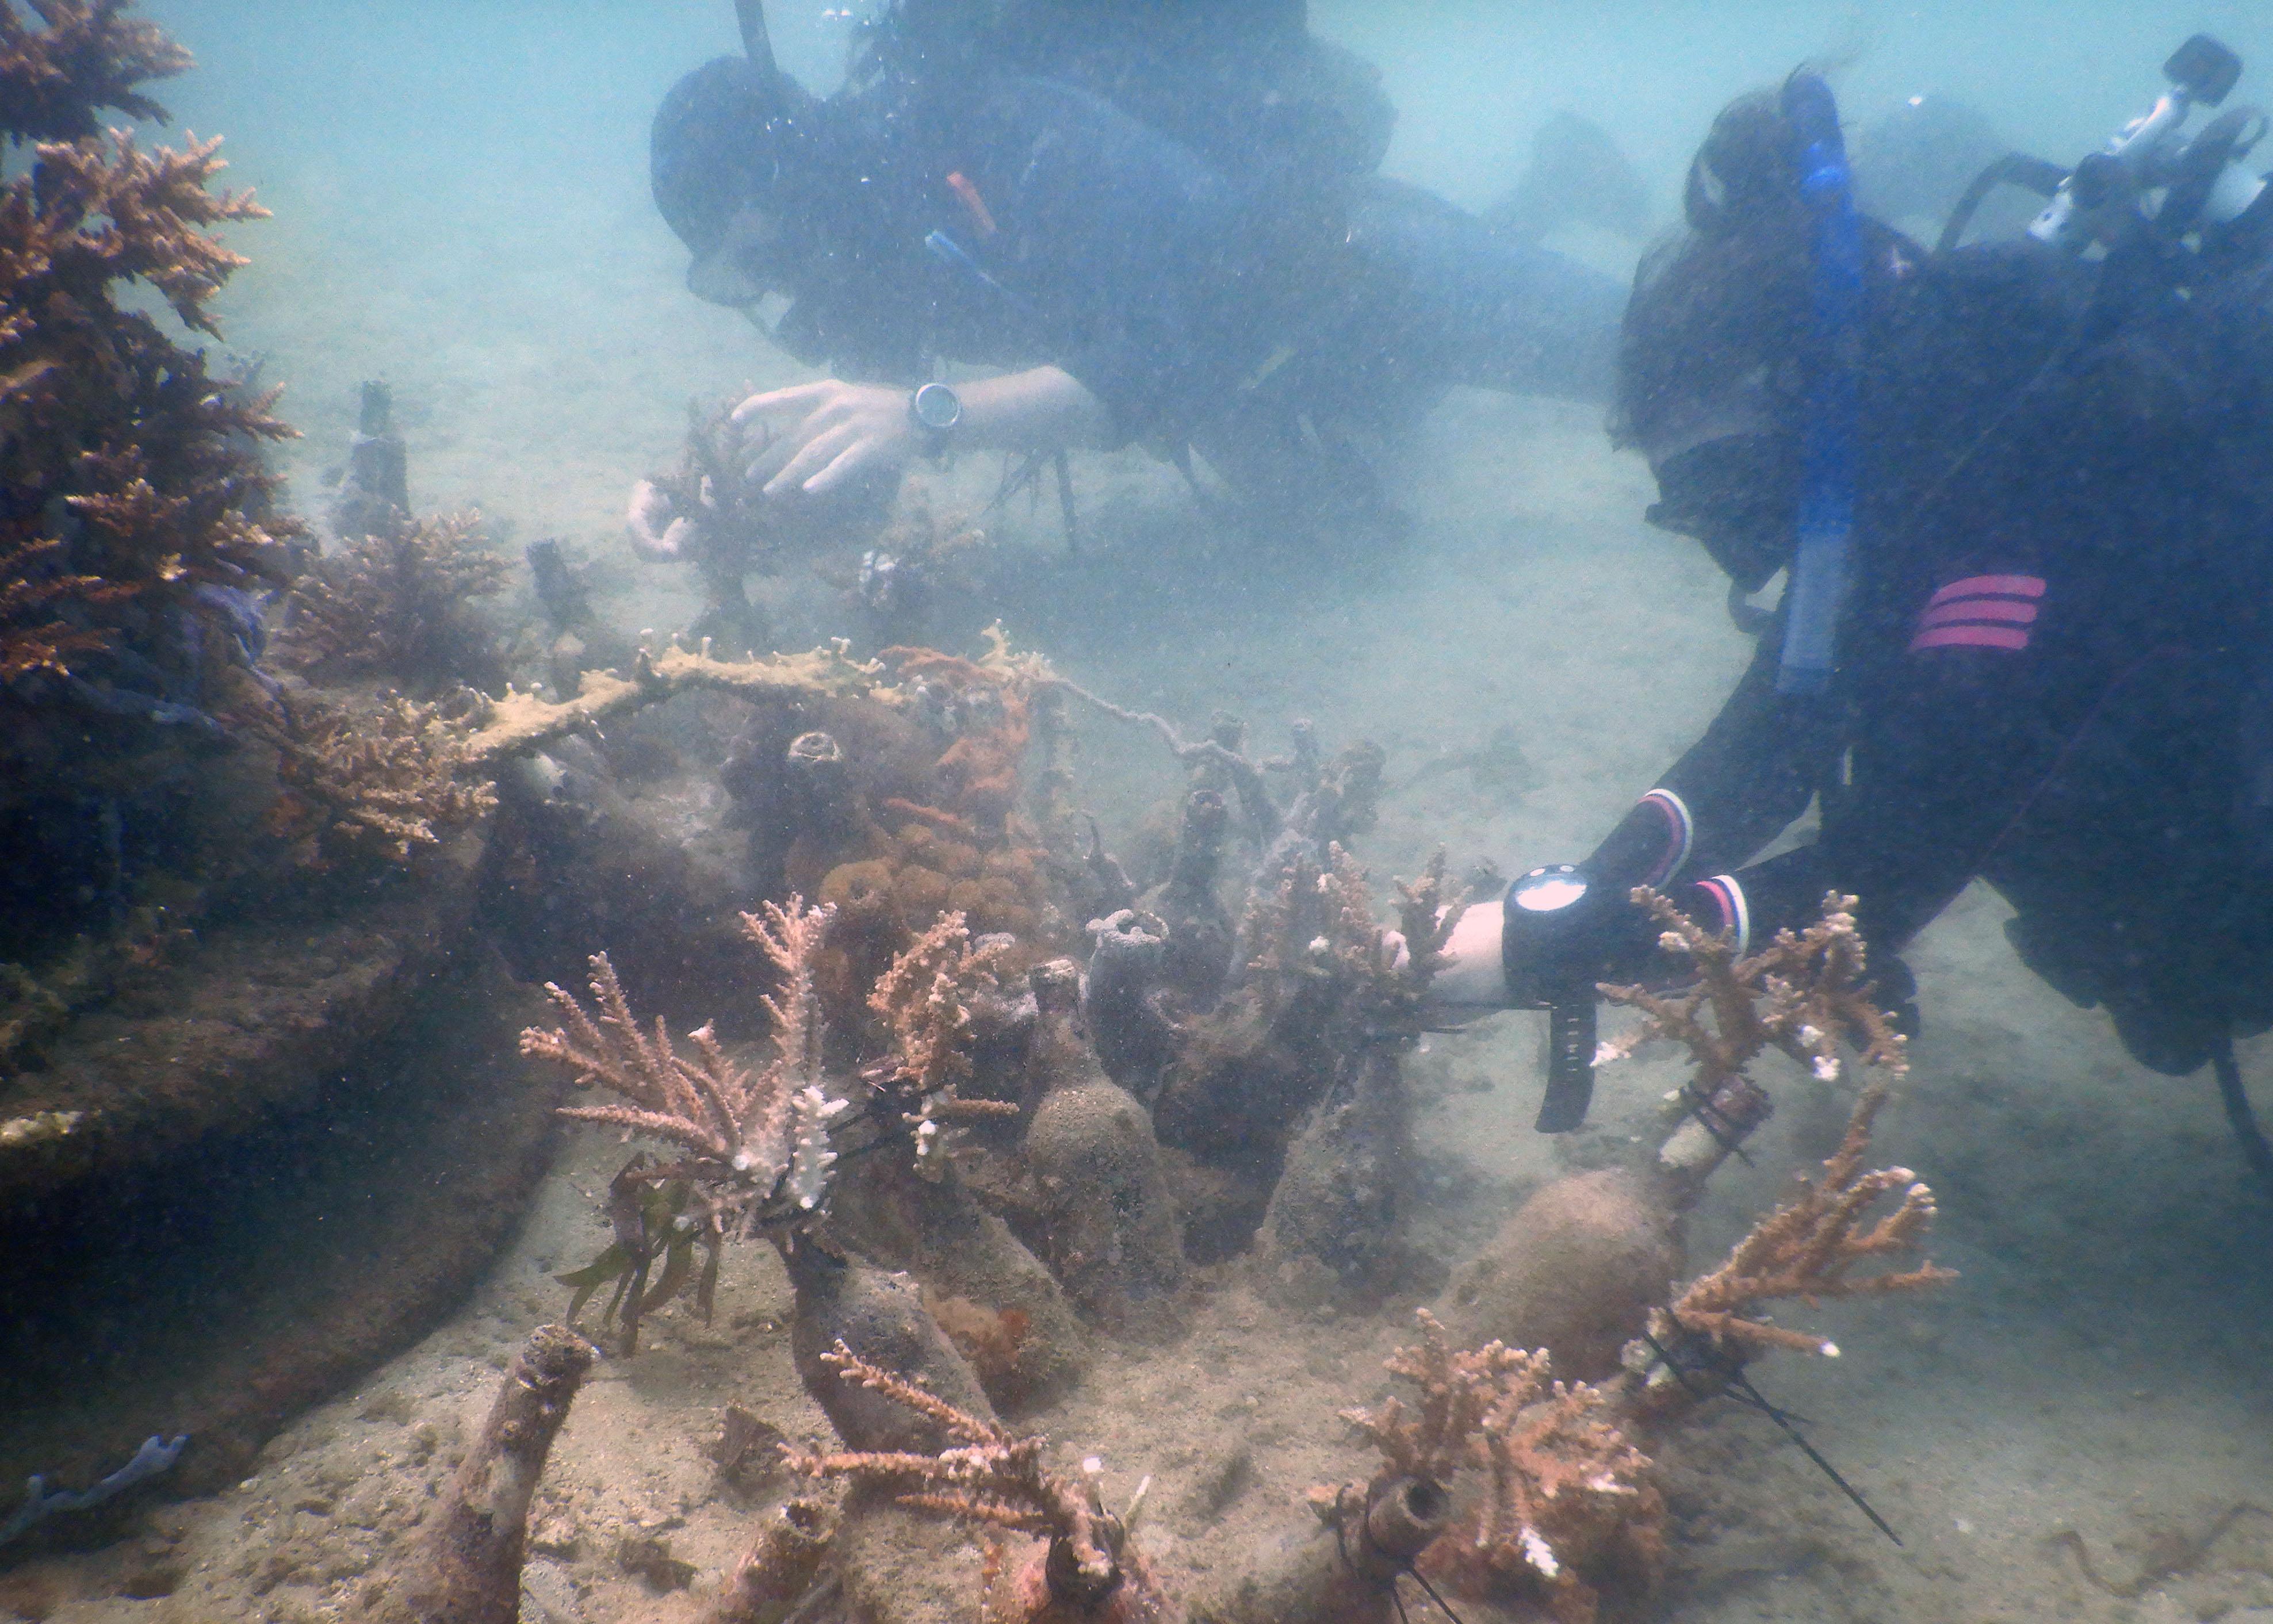 Peter_Vodegel-Outplanting_koraal-103352